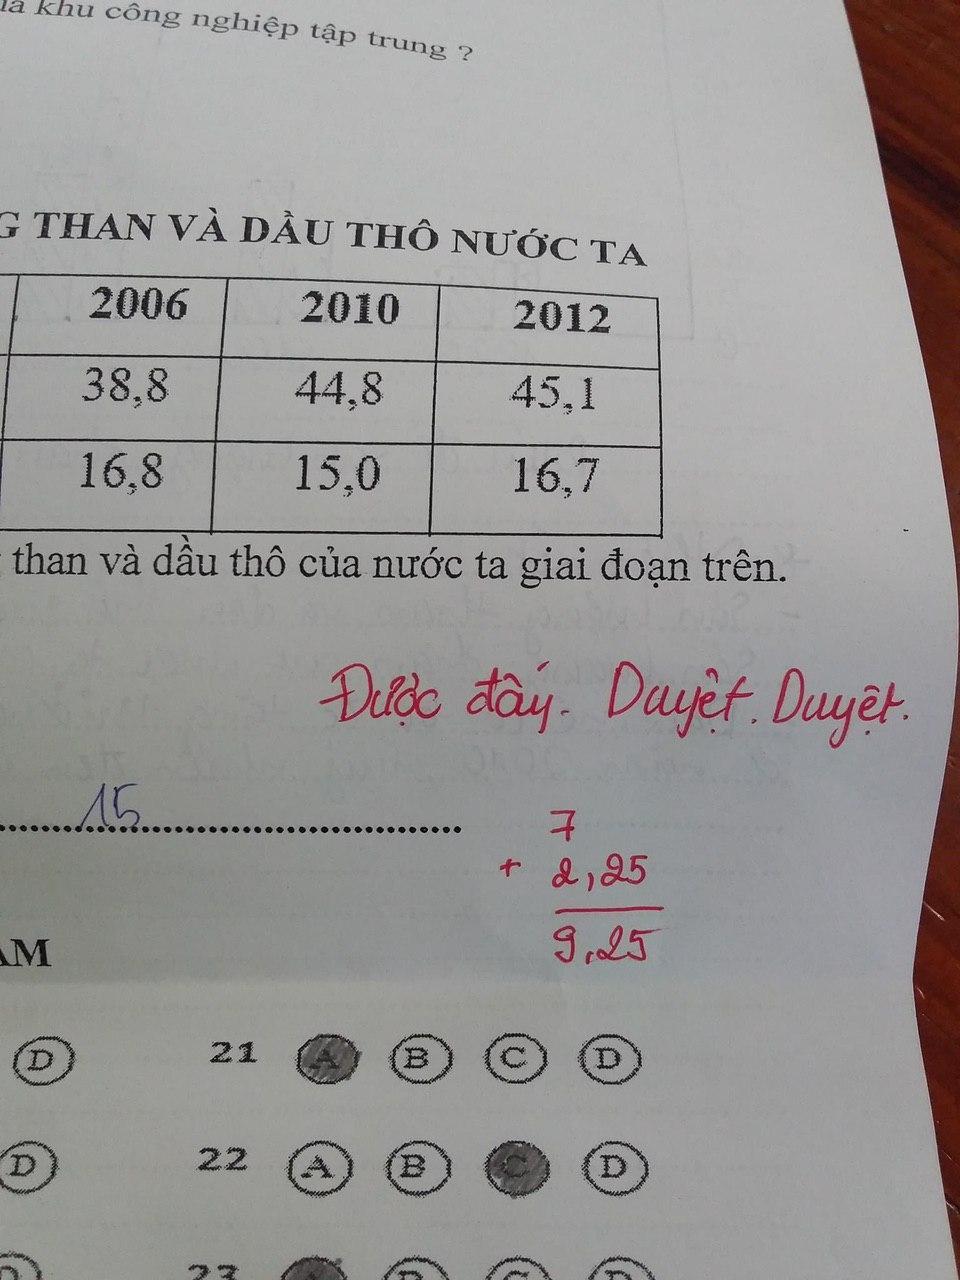 Cô giáo quá bận và nhờ người chấm bài giúp, học sinh ai nấy hú hét vì lời phê ngọt lịm tim nhưng tò mò nhất là cách chấm điểm - Ảnh 1.